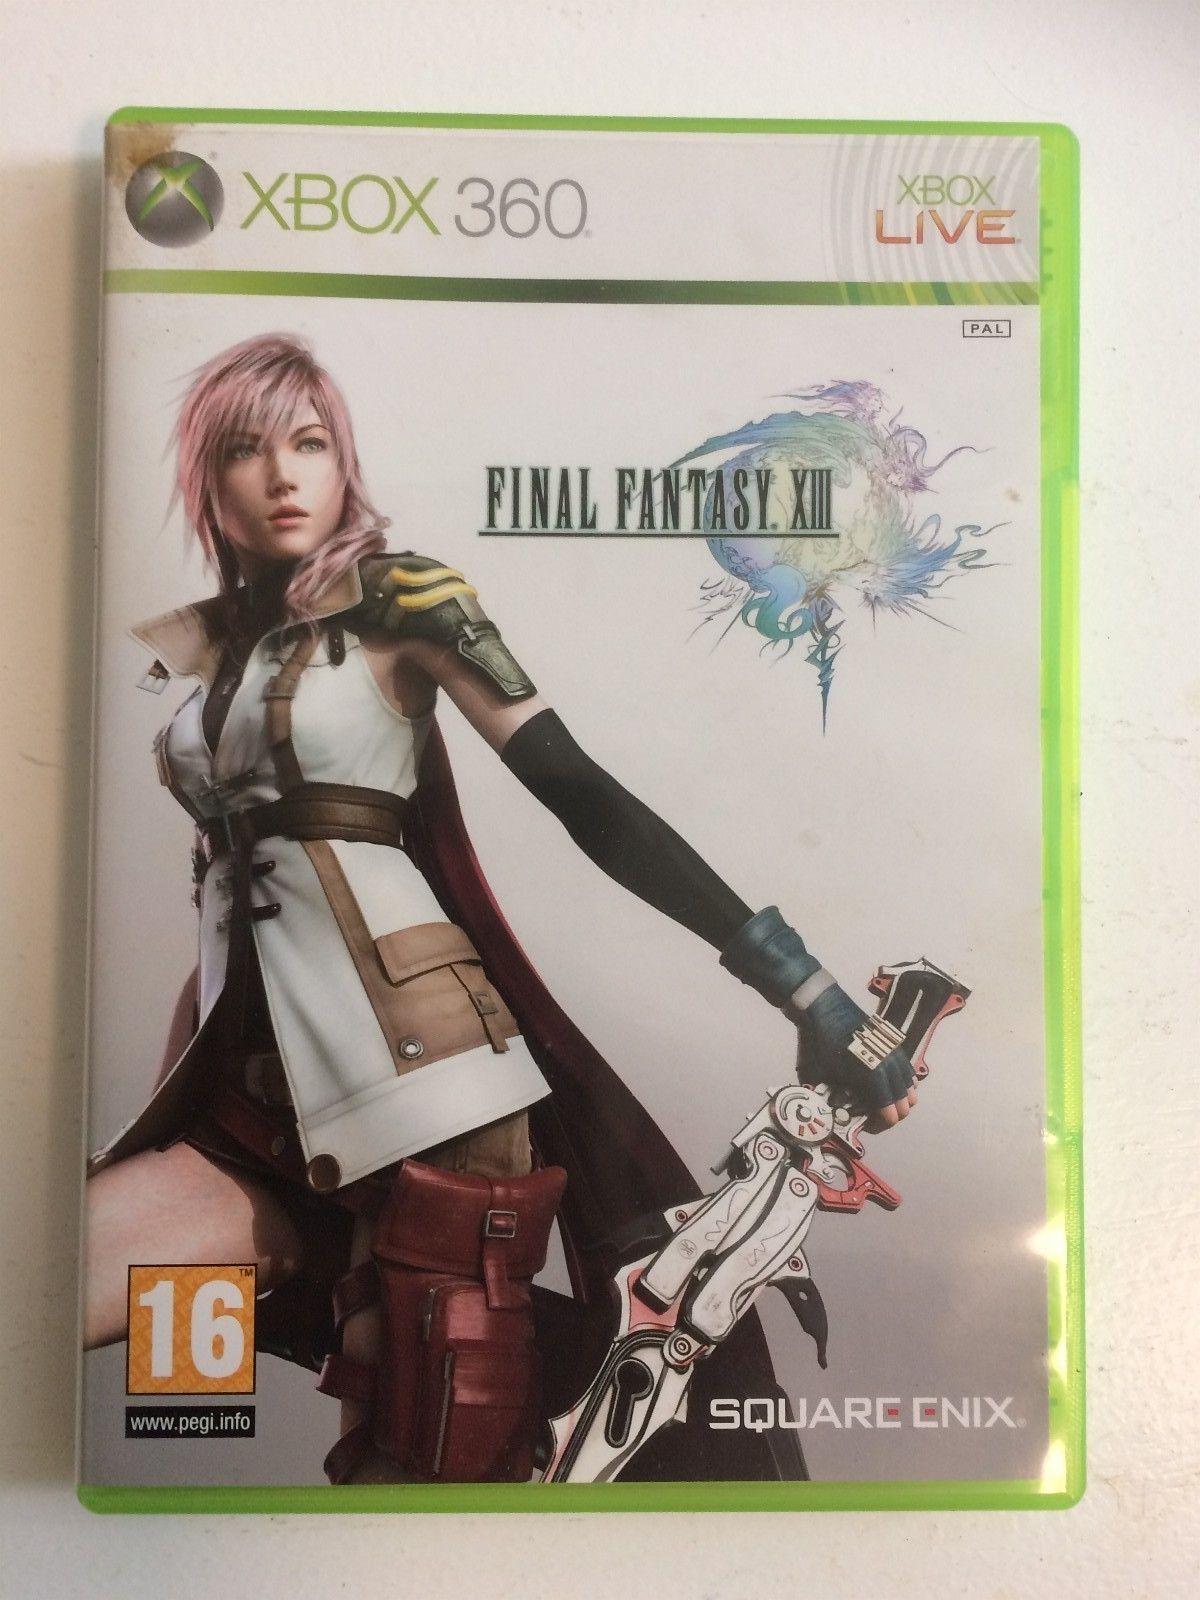 Final Fantasy XIII XBOX 360 - Skien  - Final Fantasy XIII til XBOX 360 selges for kr 50.  Kan hentes i Skien eller sendes etter Posten sine satser. - Skien